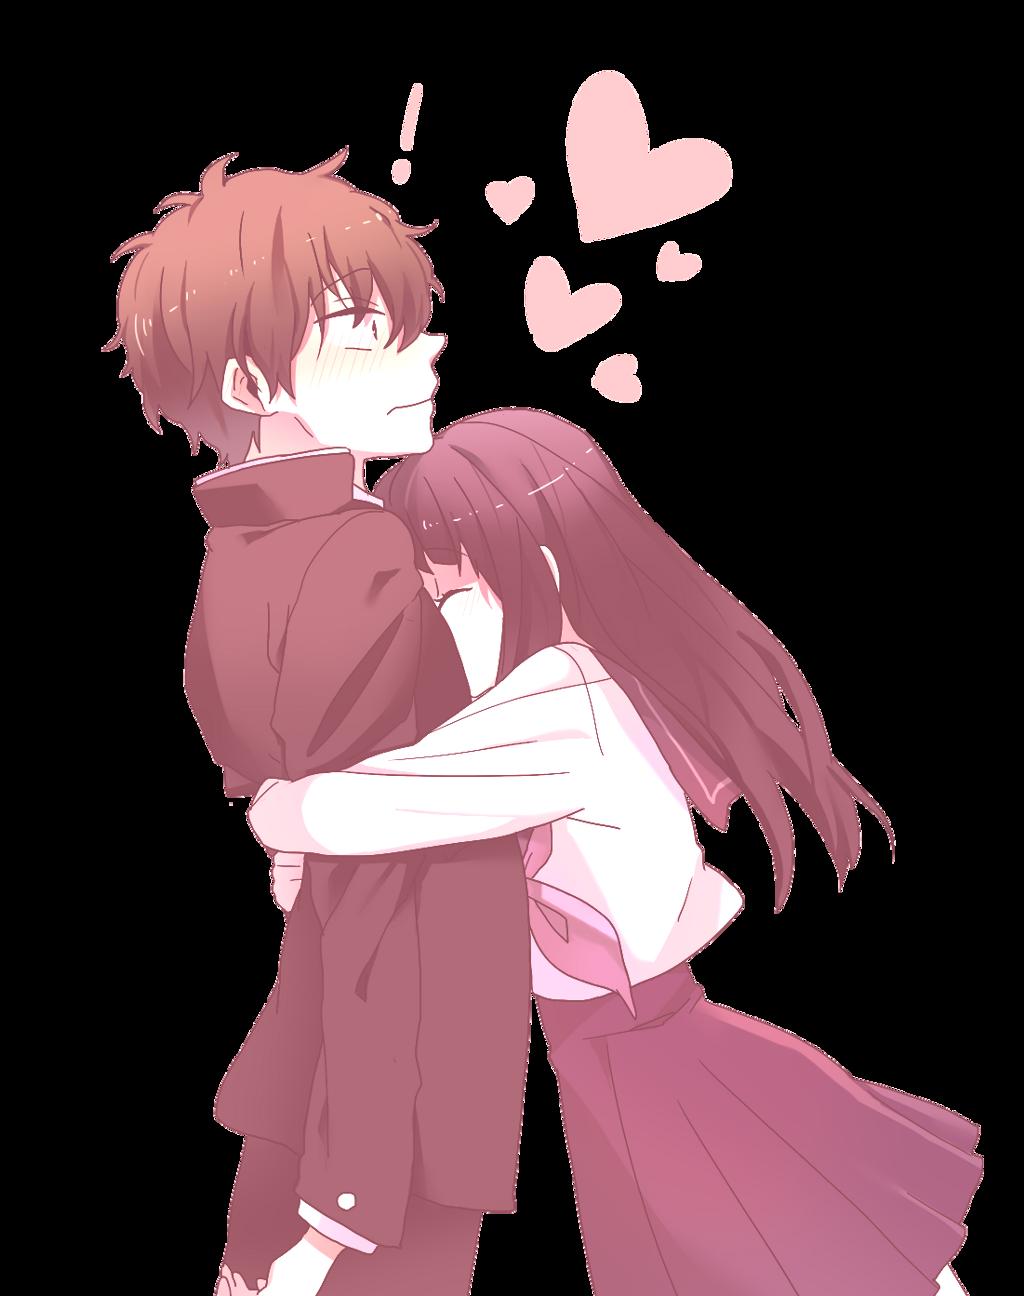 Anime Couple Sad Anime Wallpapers